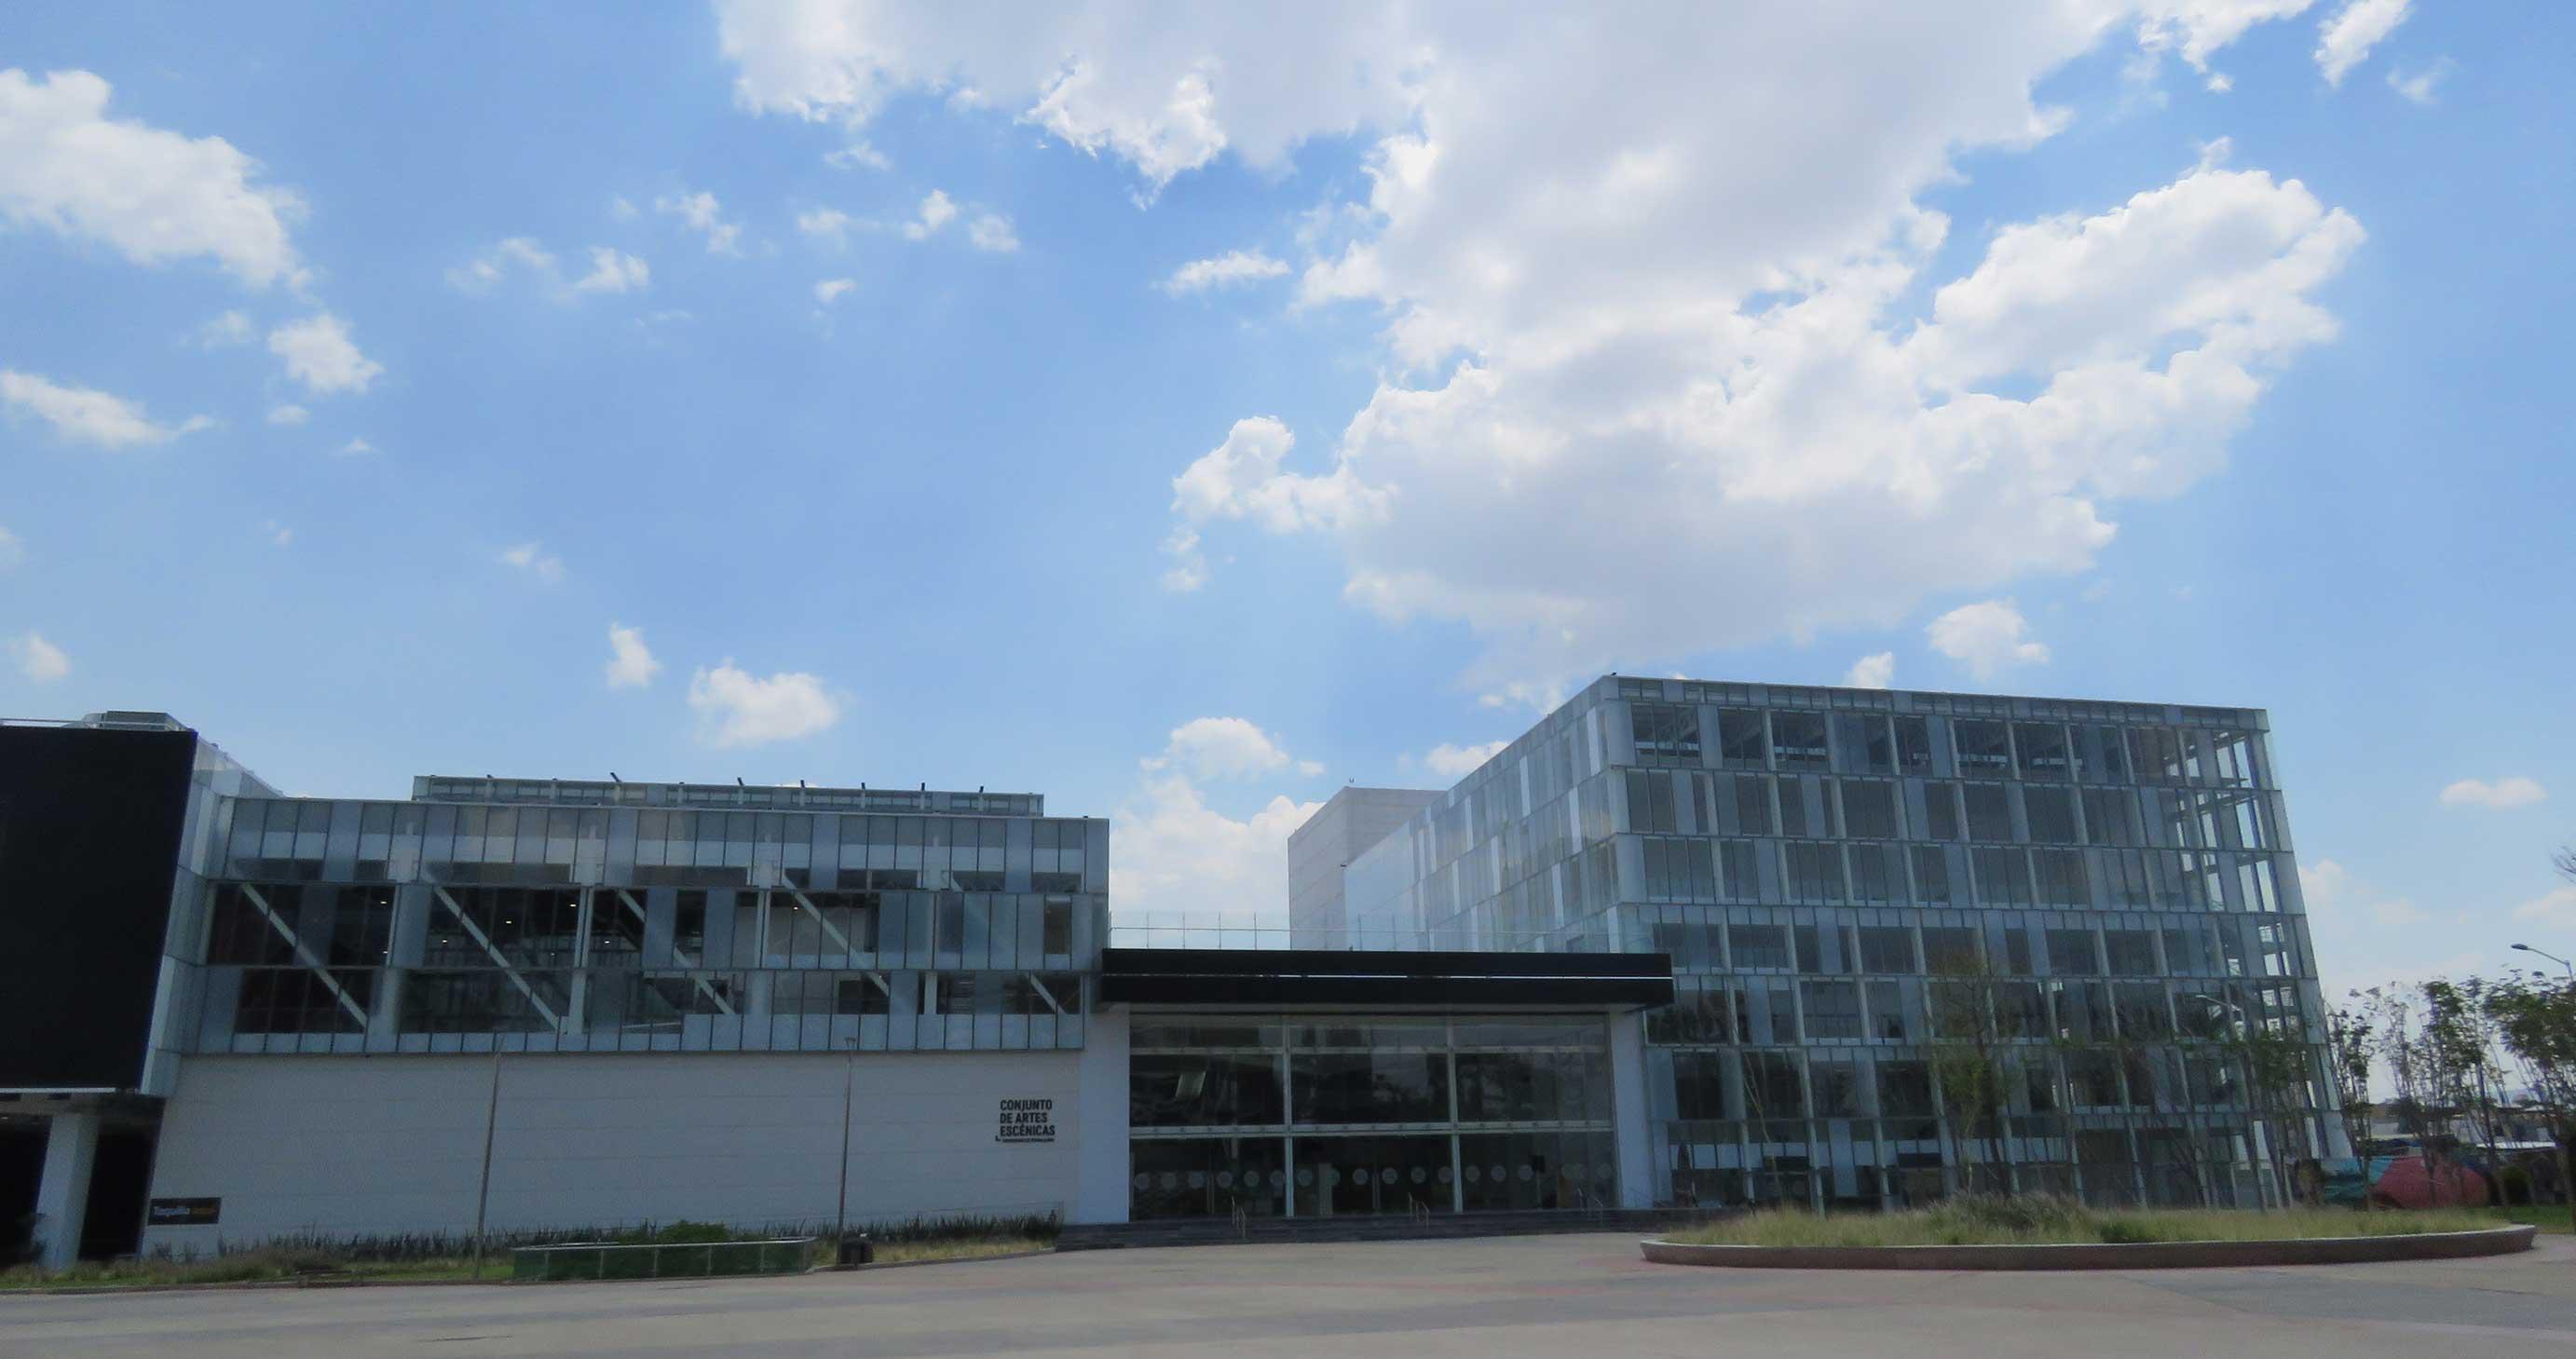 university of guadalajara performing arts center